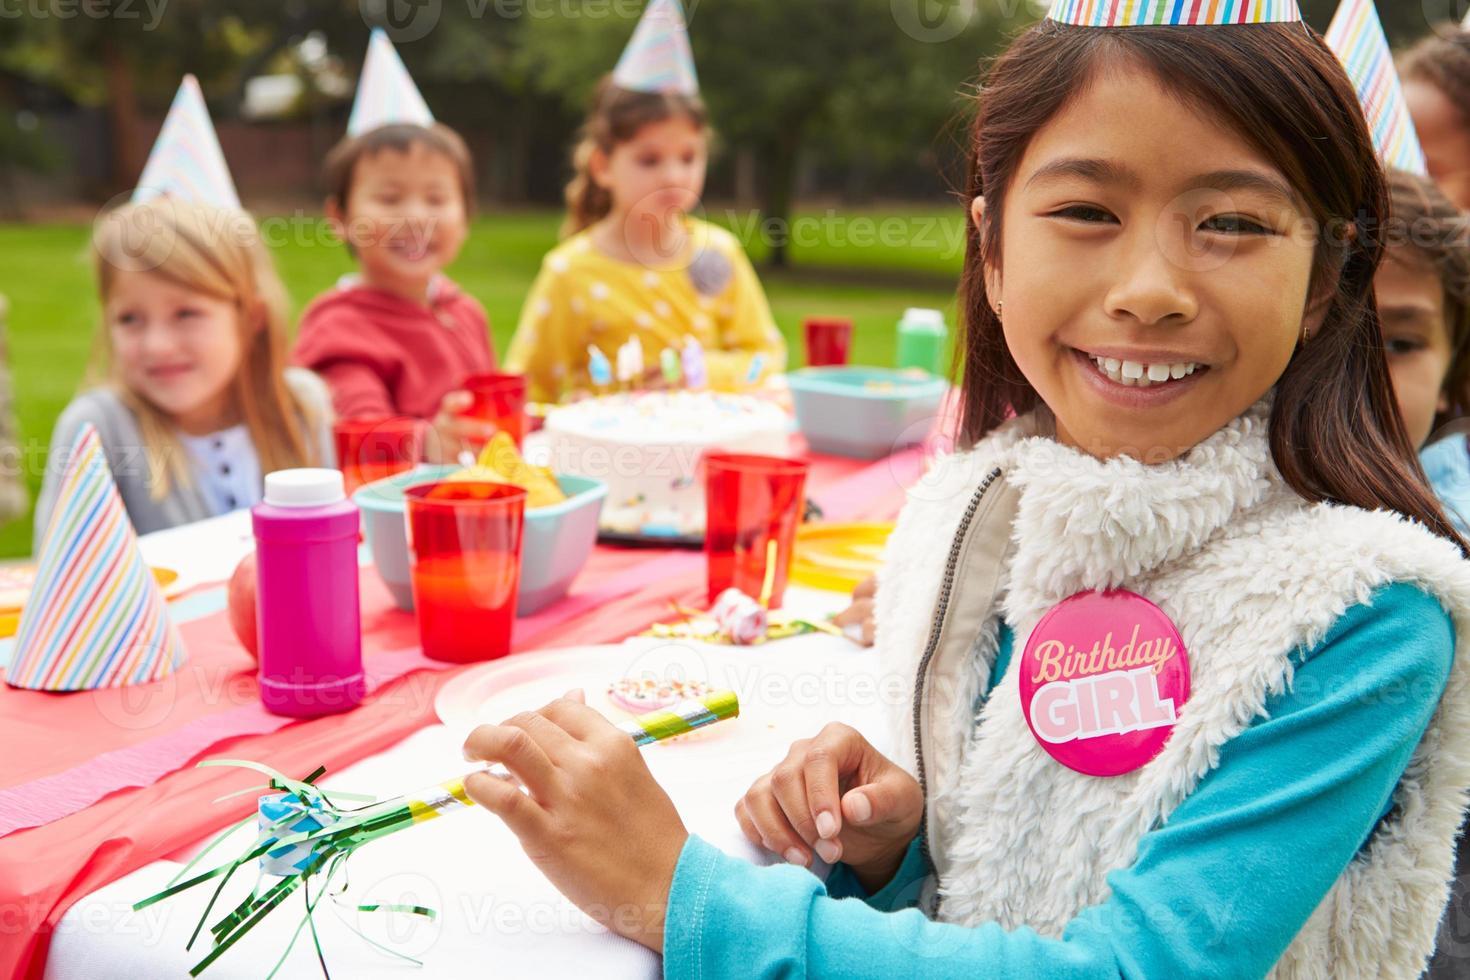 grupo de crianças, festa de aniversário ao ar livre foto